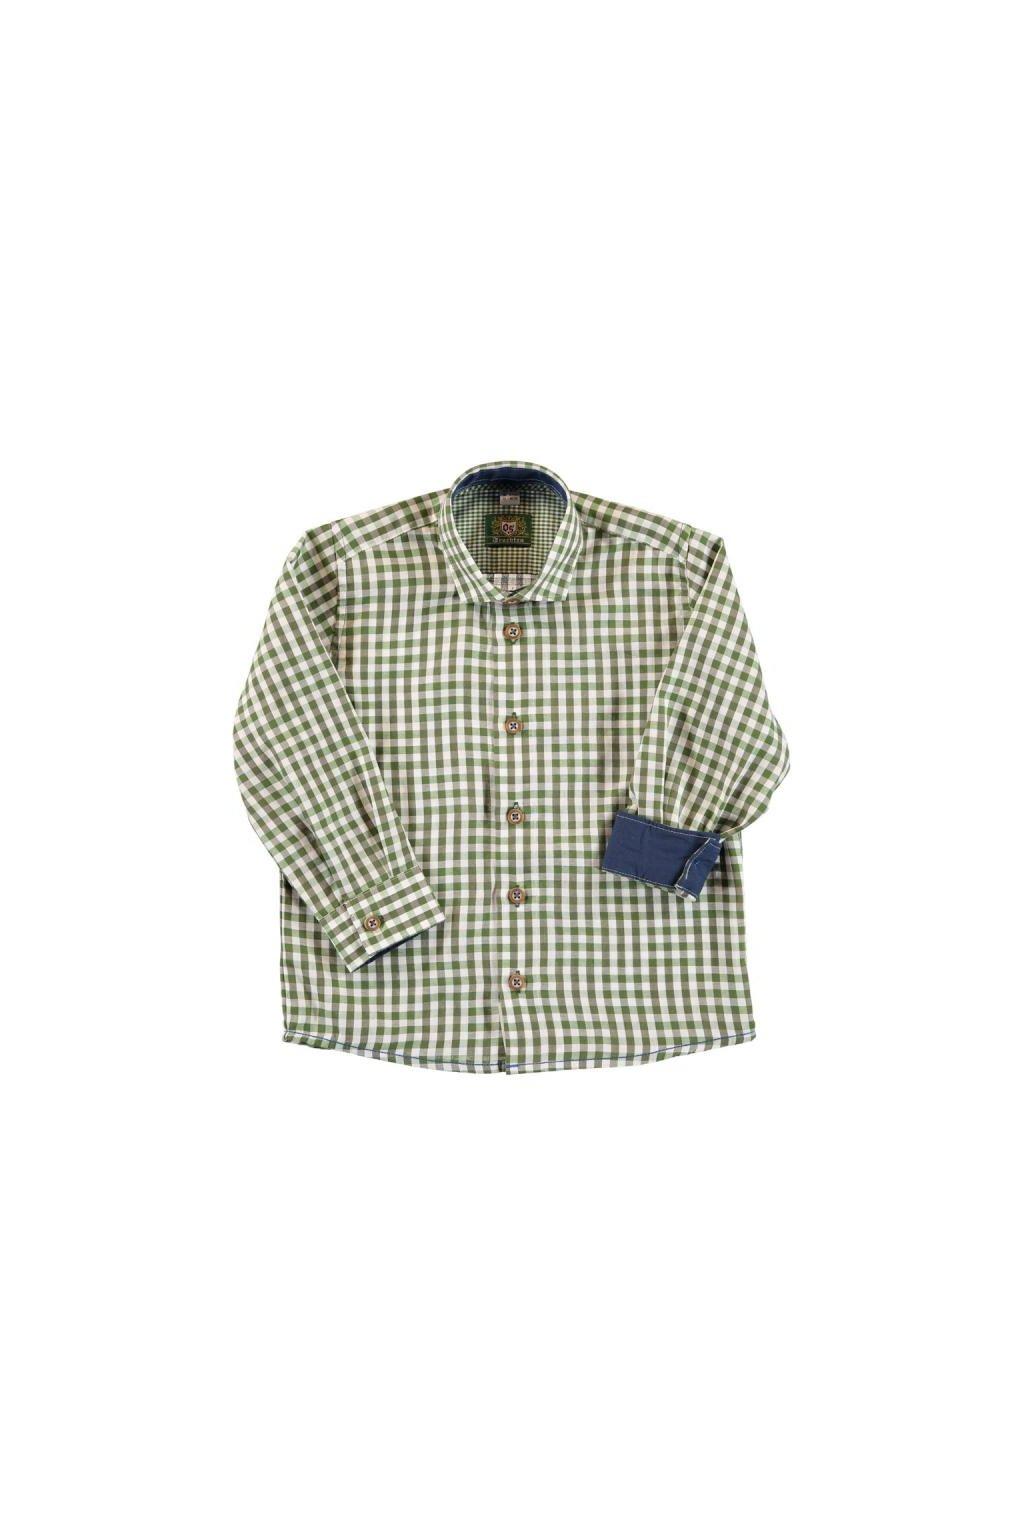 ORBIS - košile dětská s dlouhým rukávem (3253)